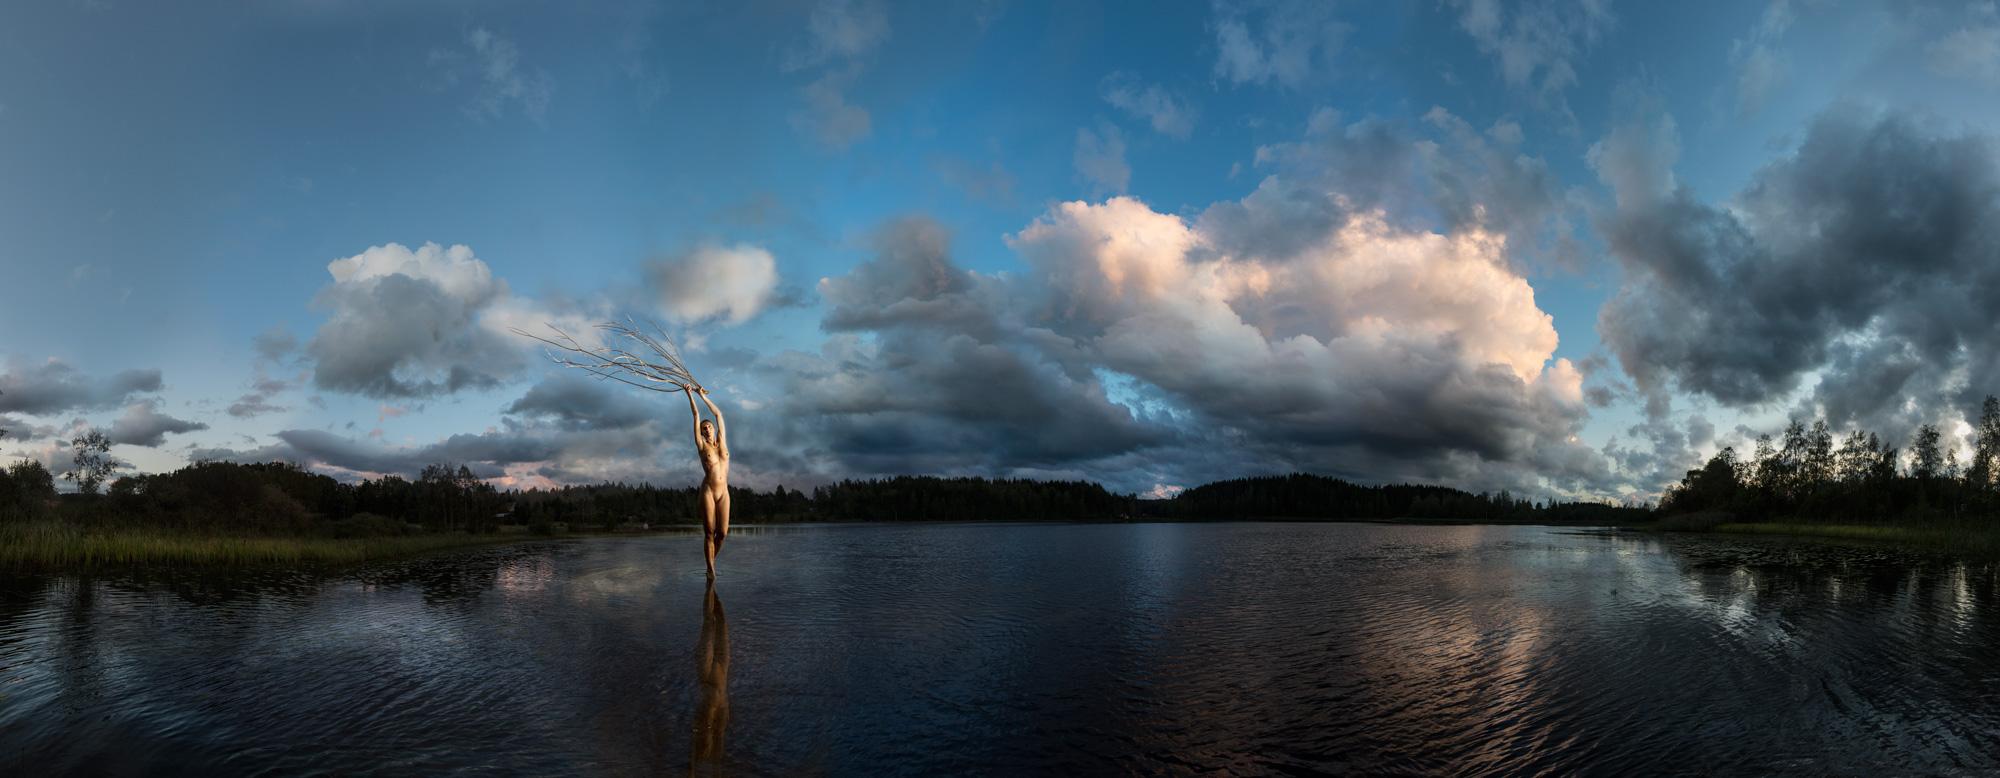 KÄÄNNA JUURI V. Fotografía y retoque digital. Lago Iso Hustu, Hämeenkyrö, Finlandia